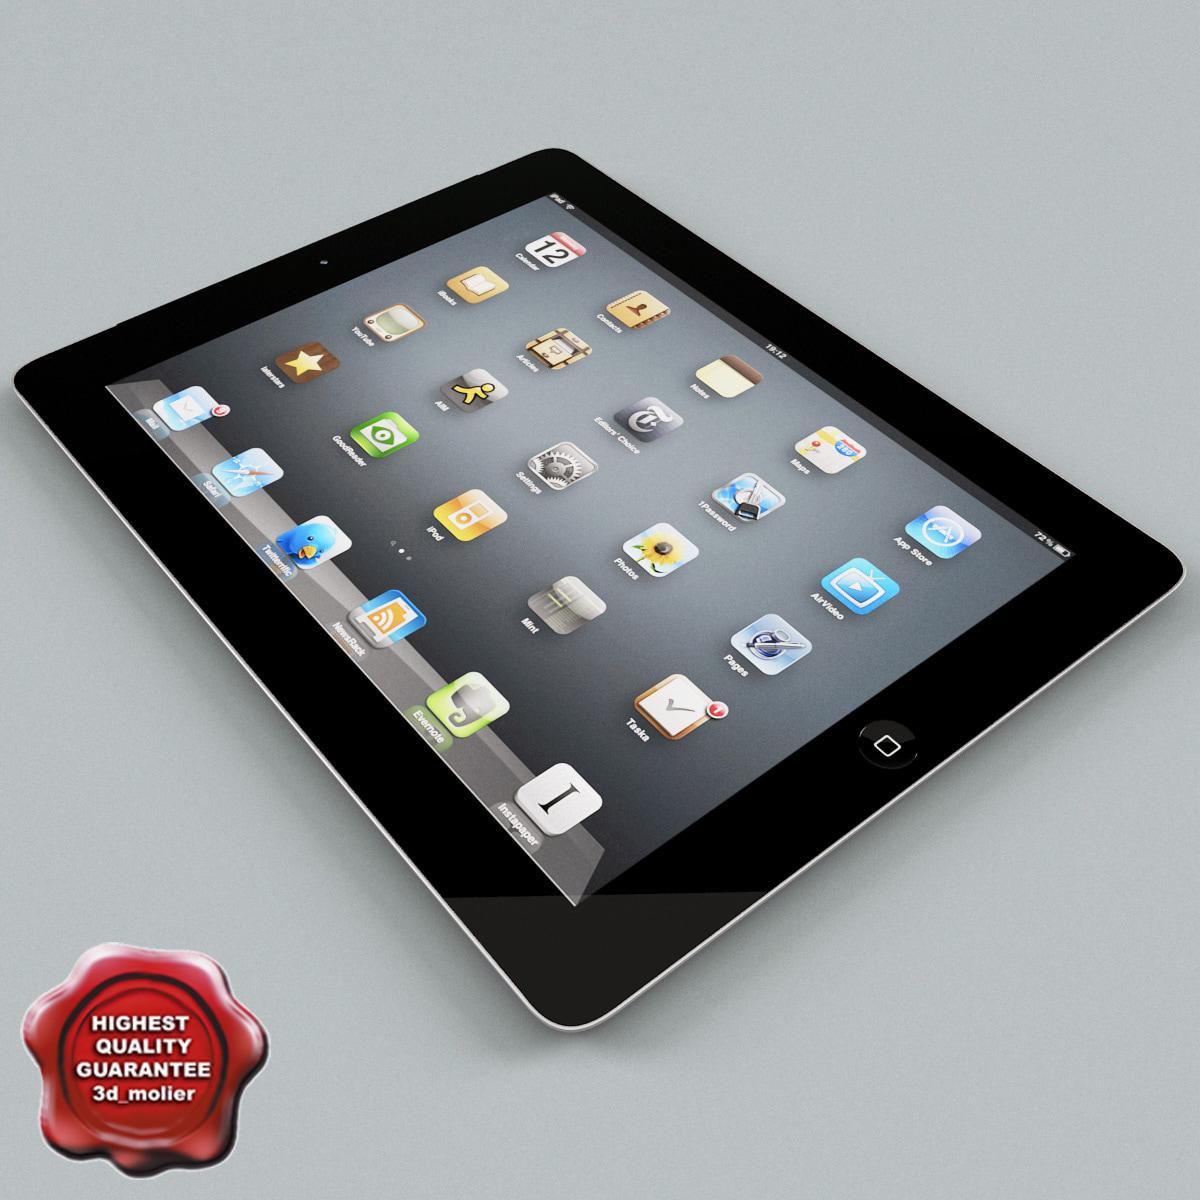 Apple_ipad2_00.jpg